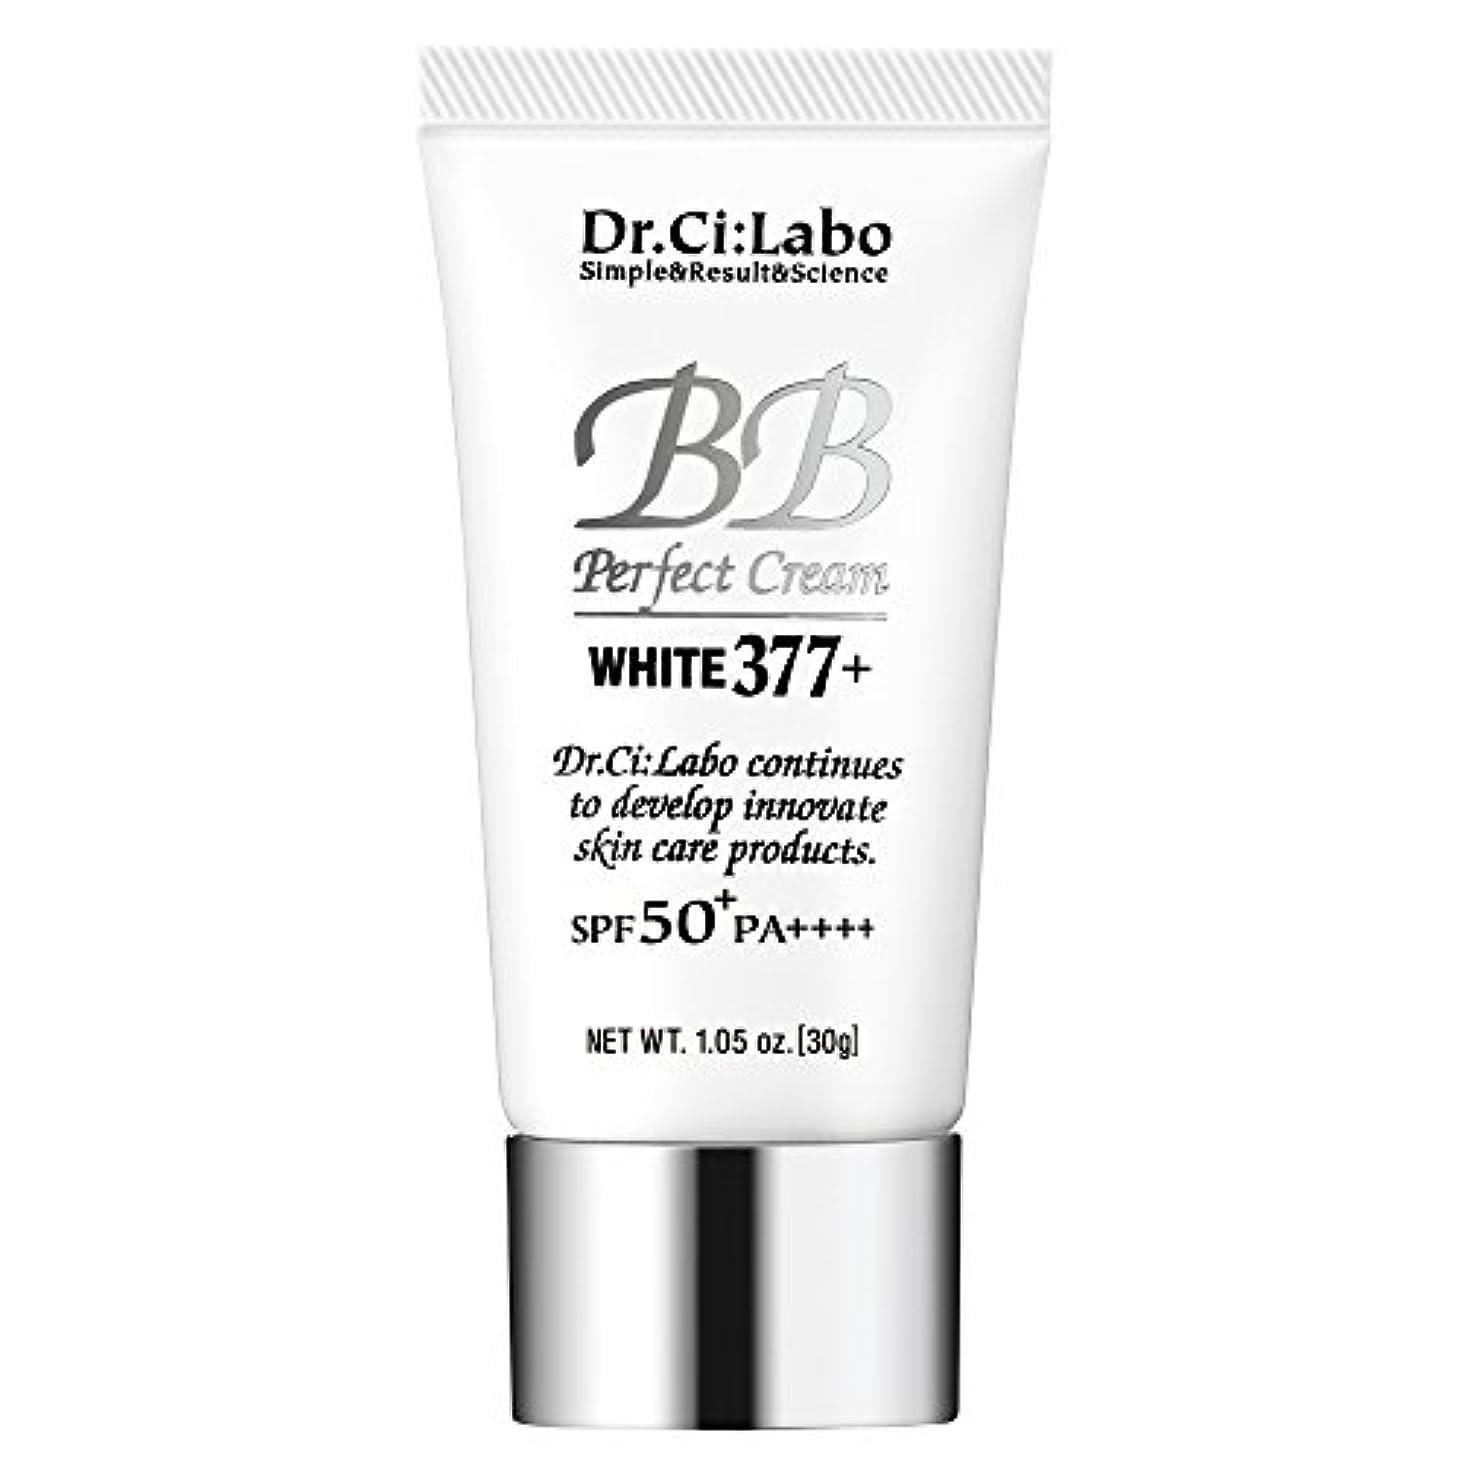 グラディスリアル批判的にドクターシーラボ BBパーフェクトクリーム ホワイト377+ 30g 多機能ファンデーション 化粧下地